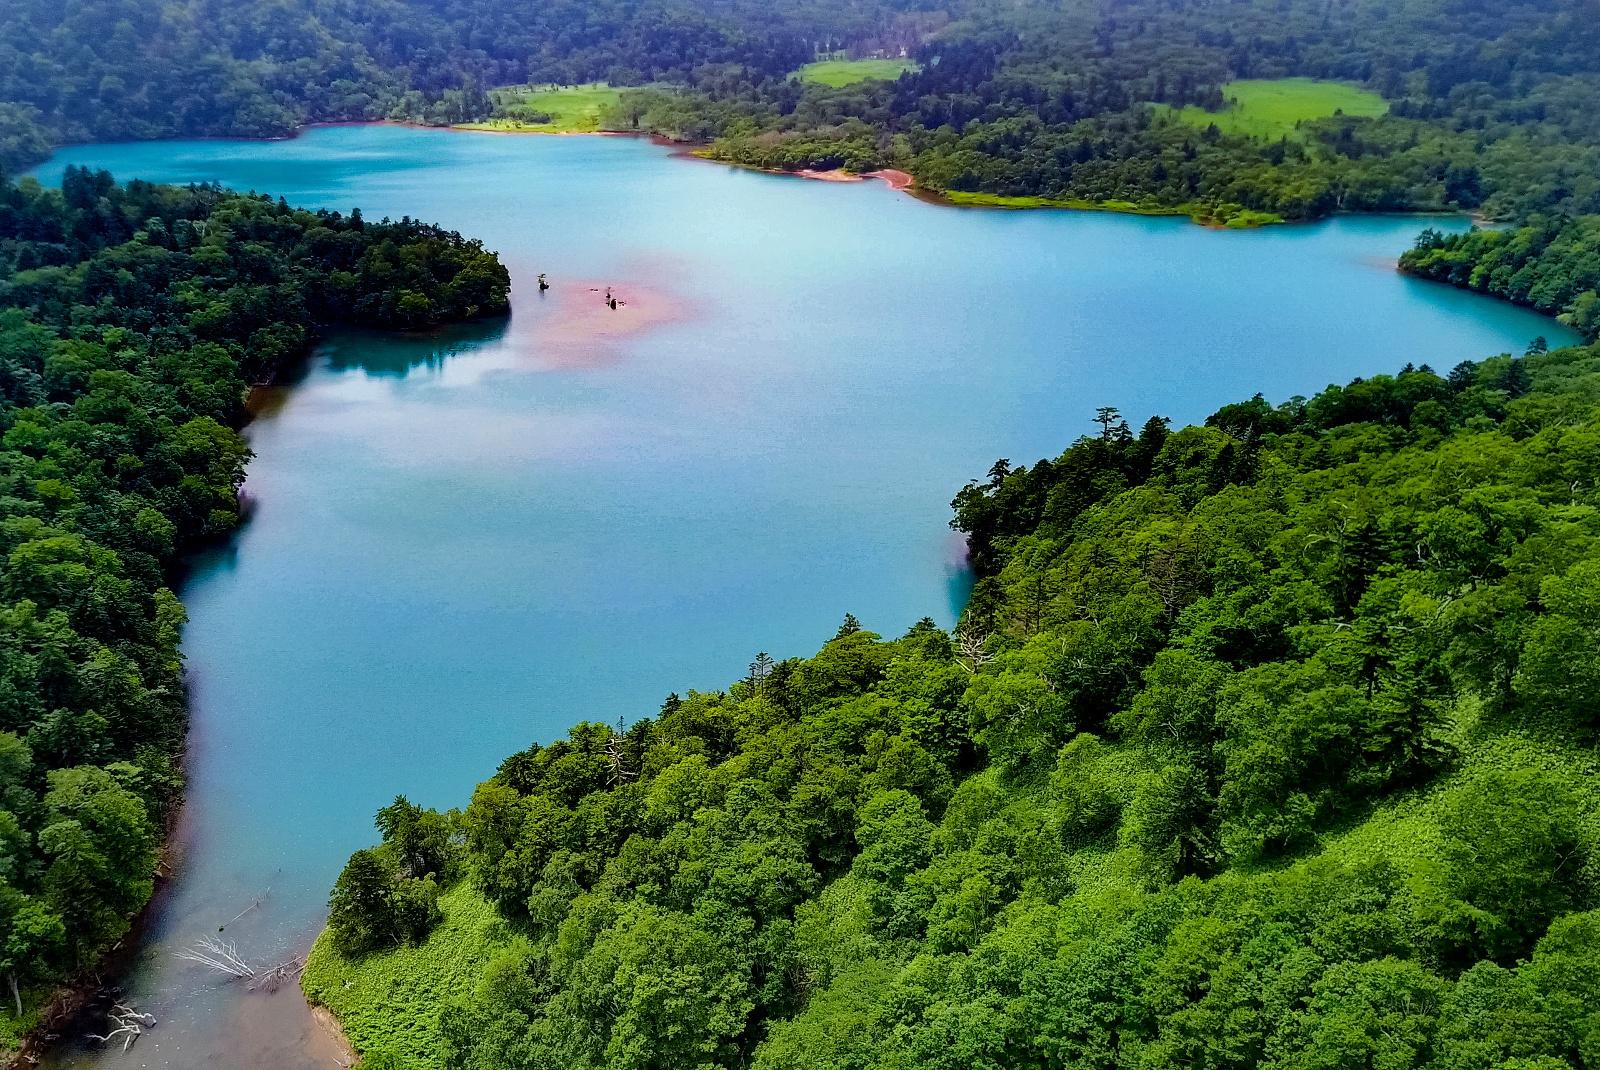 北海道三大秘湖「オコタンペ湖」―その色が美しく変化する理由とは?